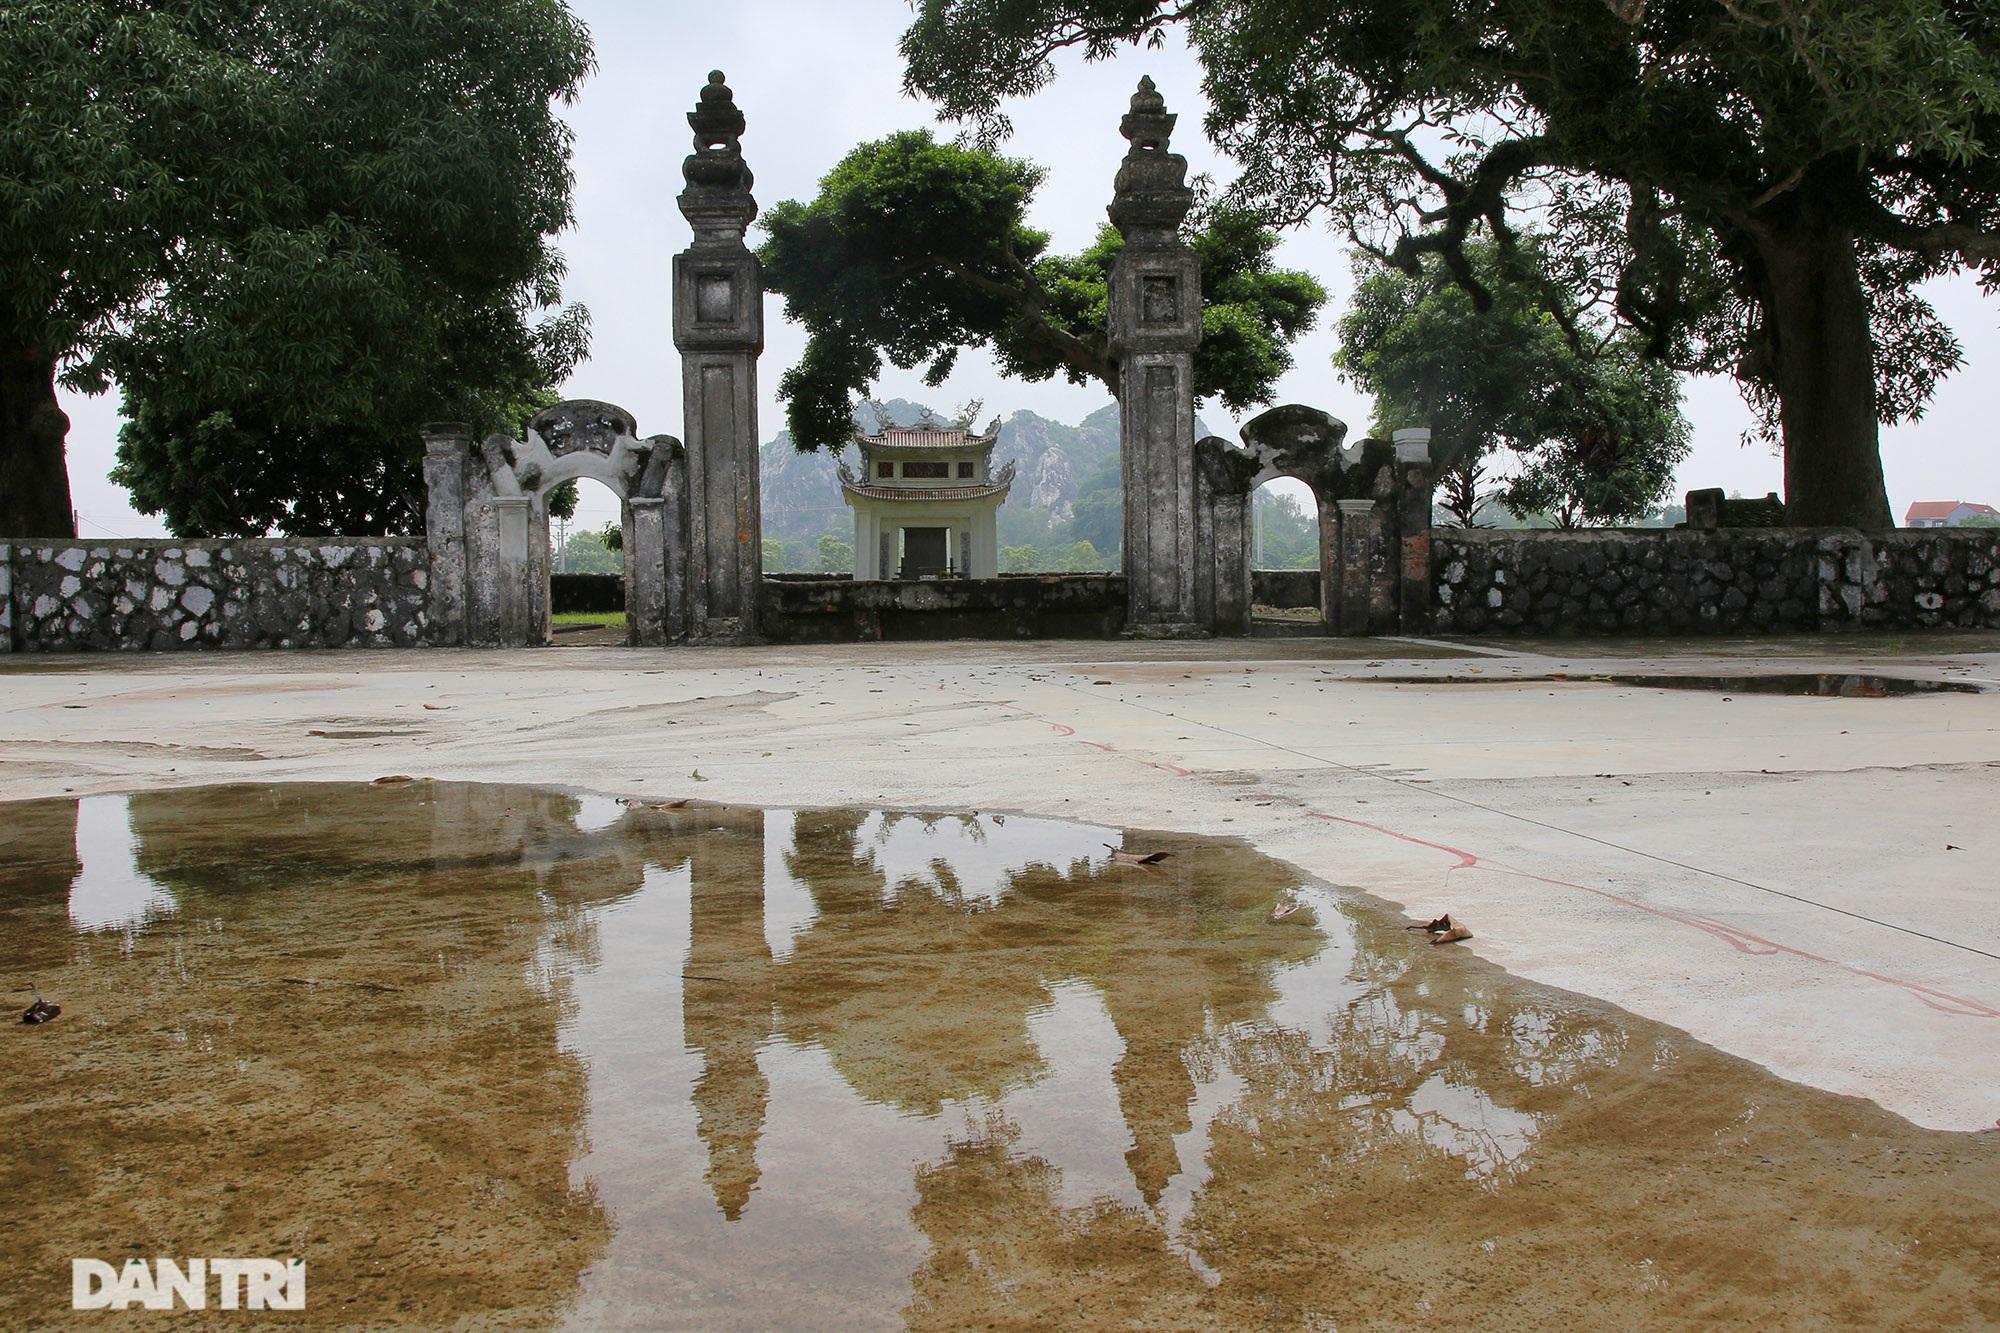 Huyền tích nghìn đời qua những ngôi quán cổ ở Hà Nội - 9